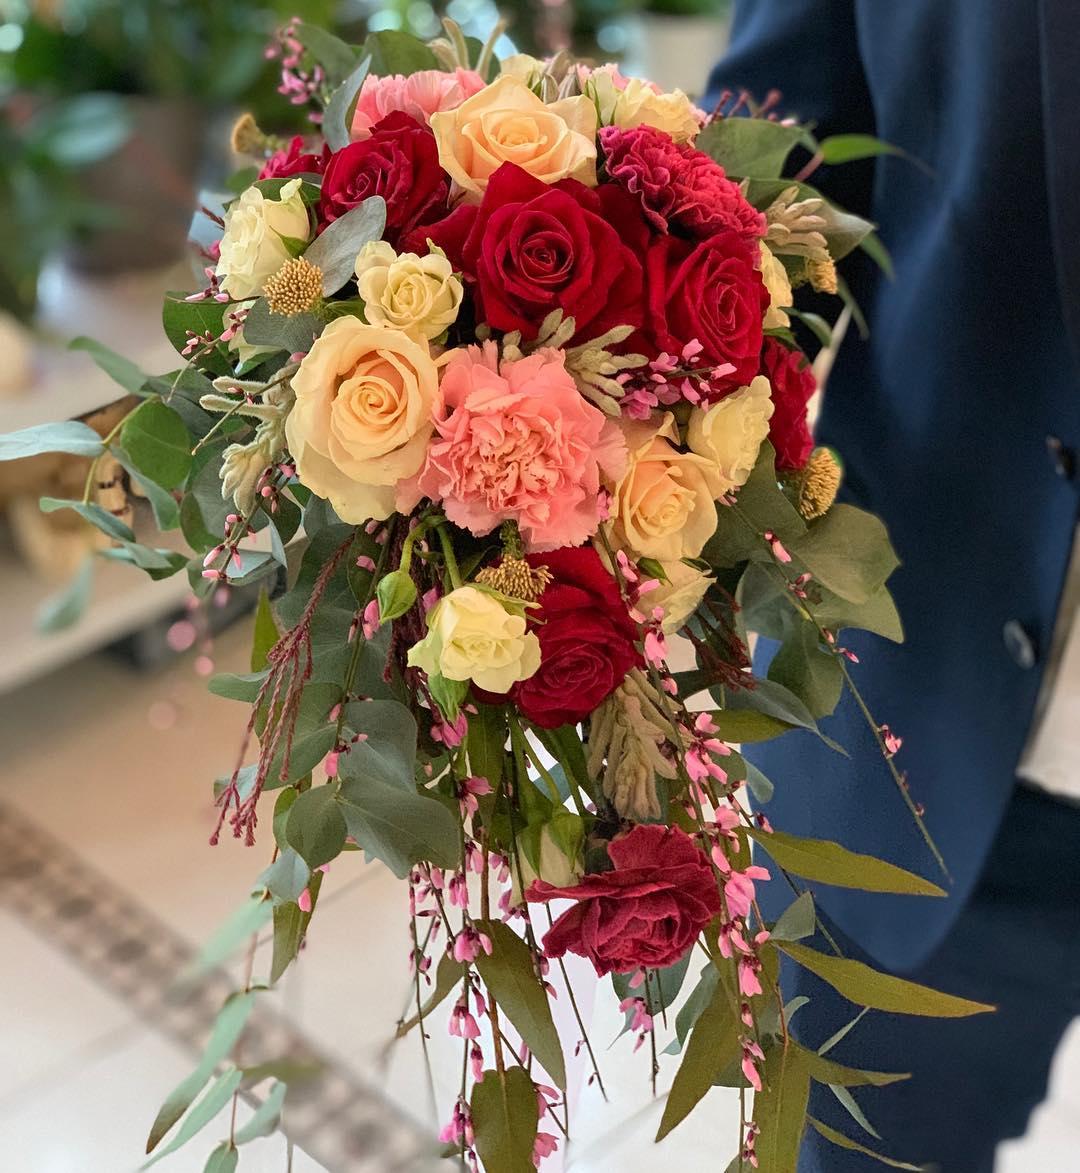 Красная поляна доставка цветов, цветов 2000